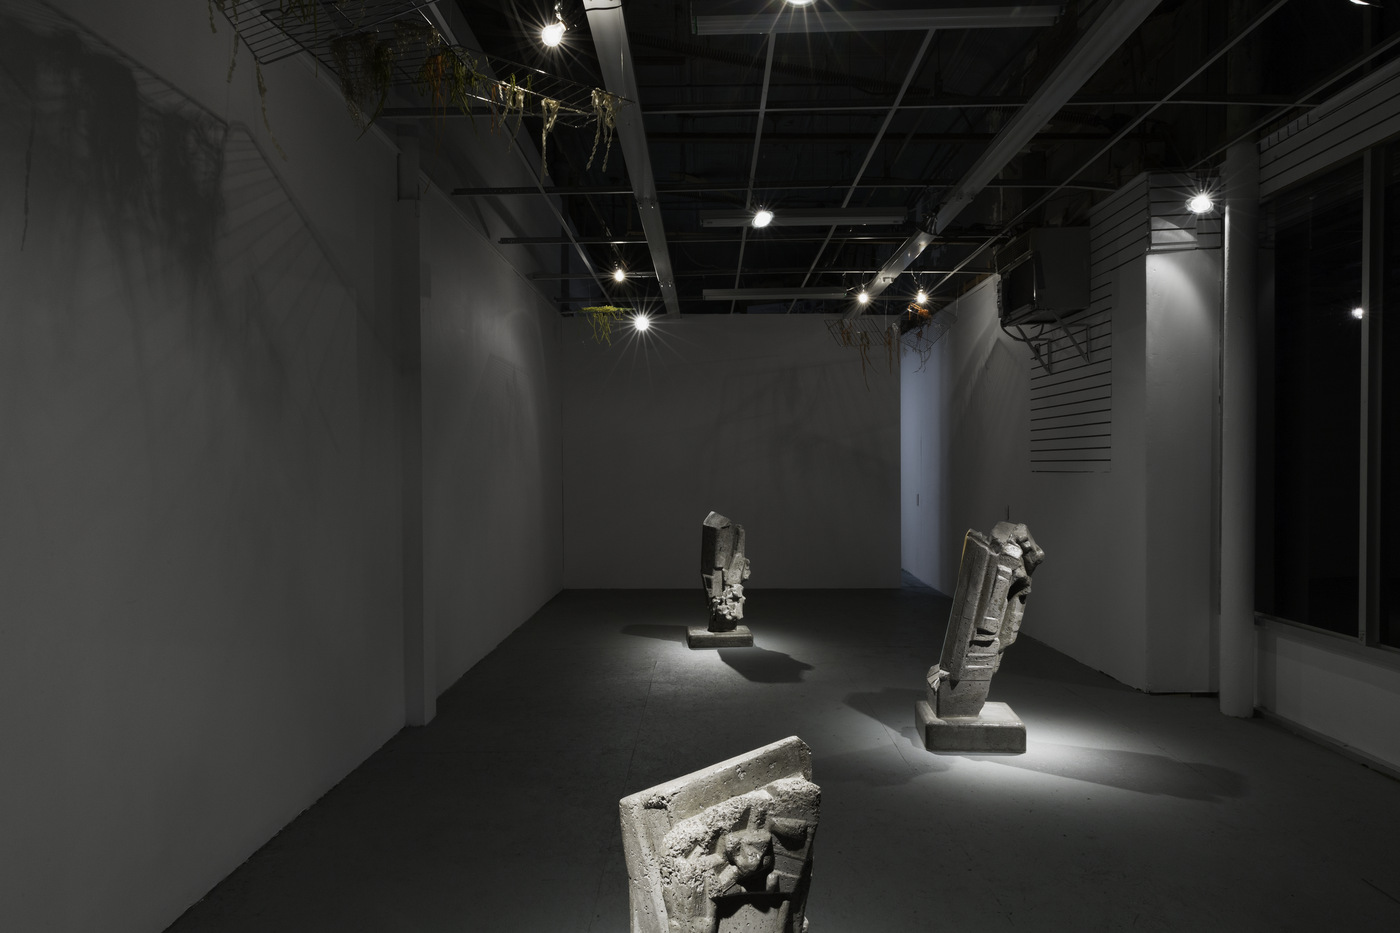 02 Installation View